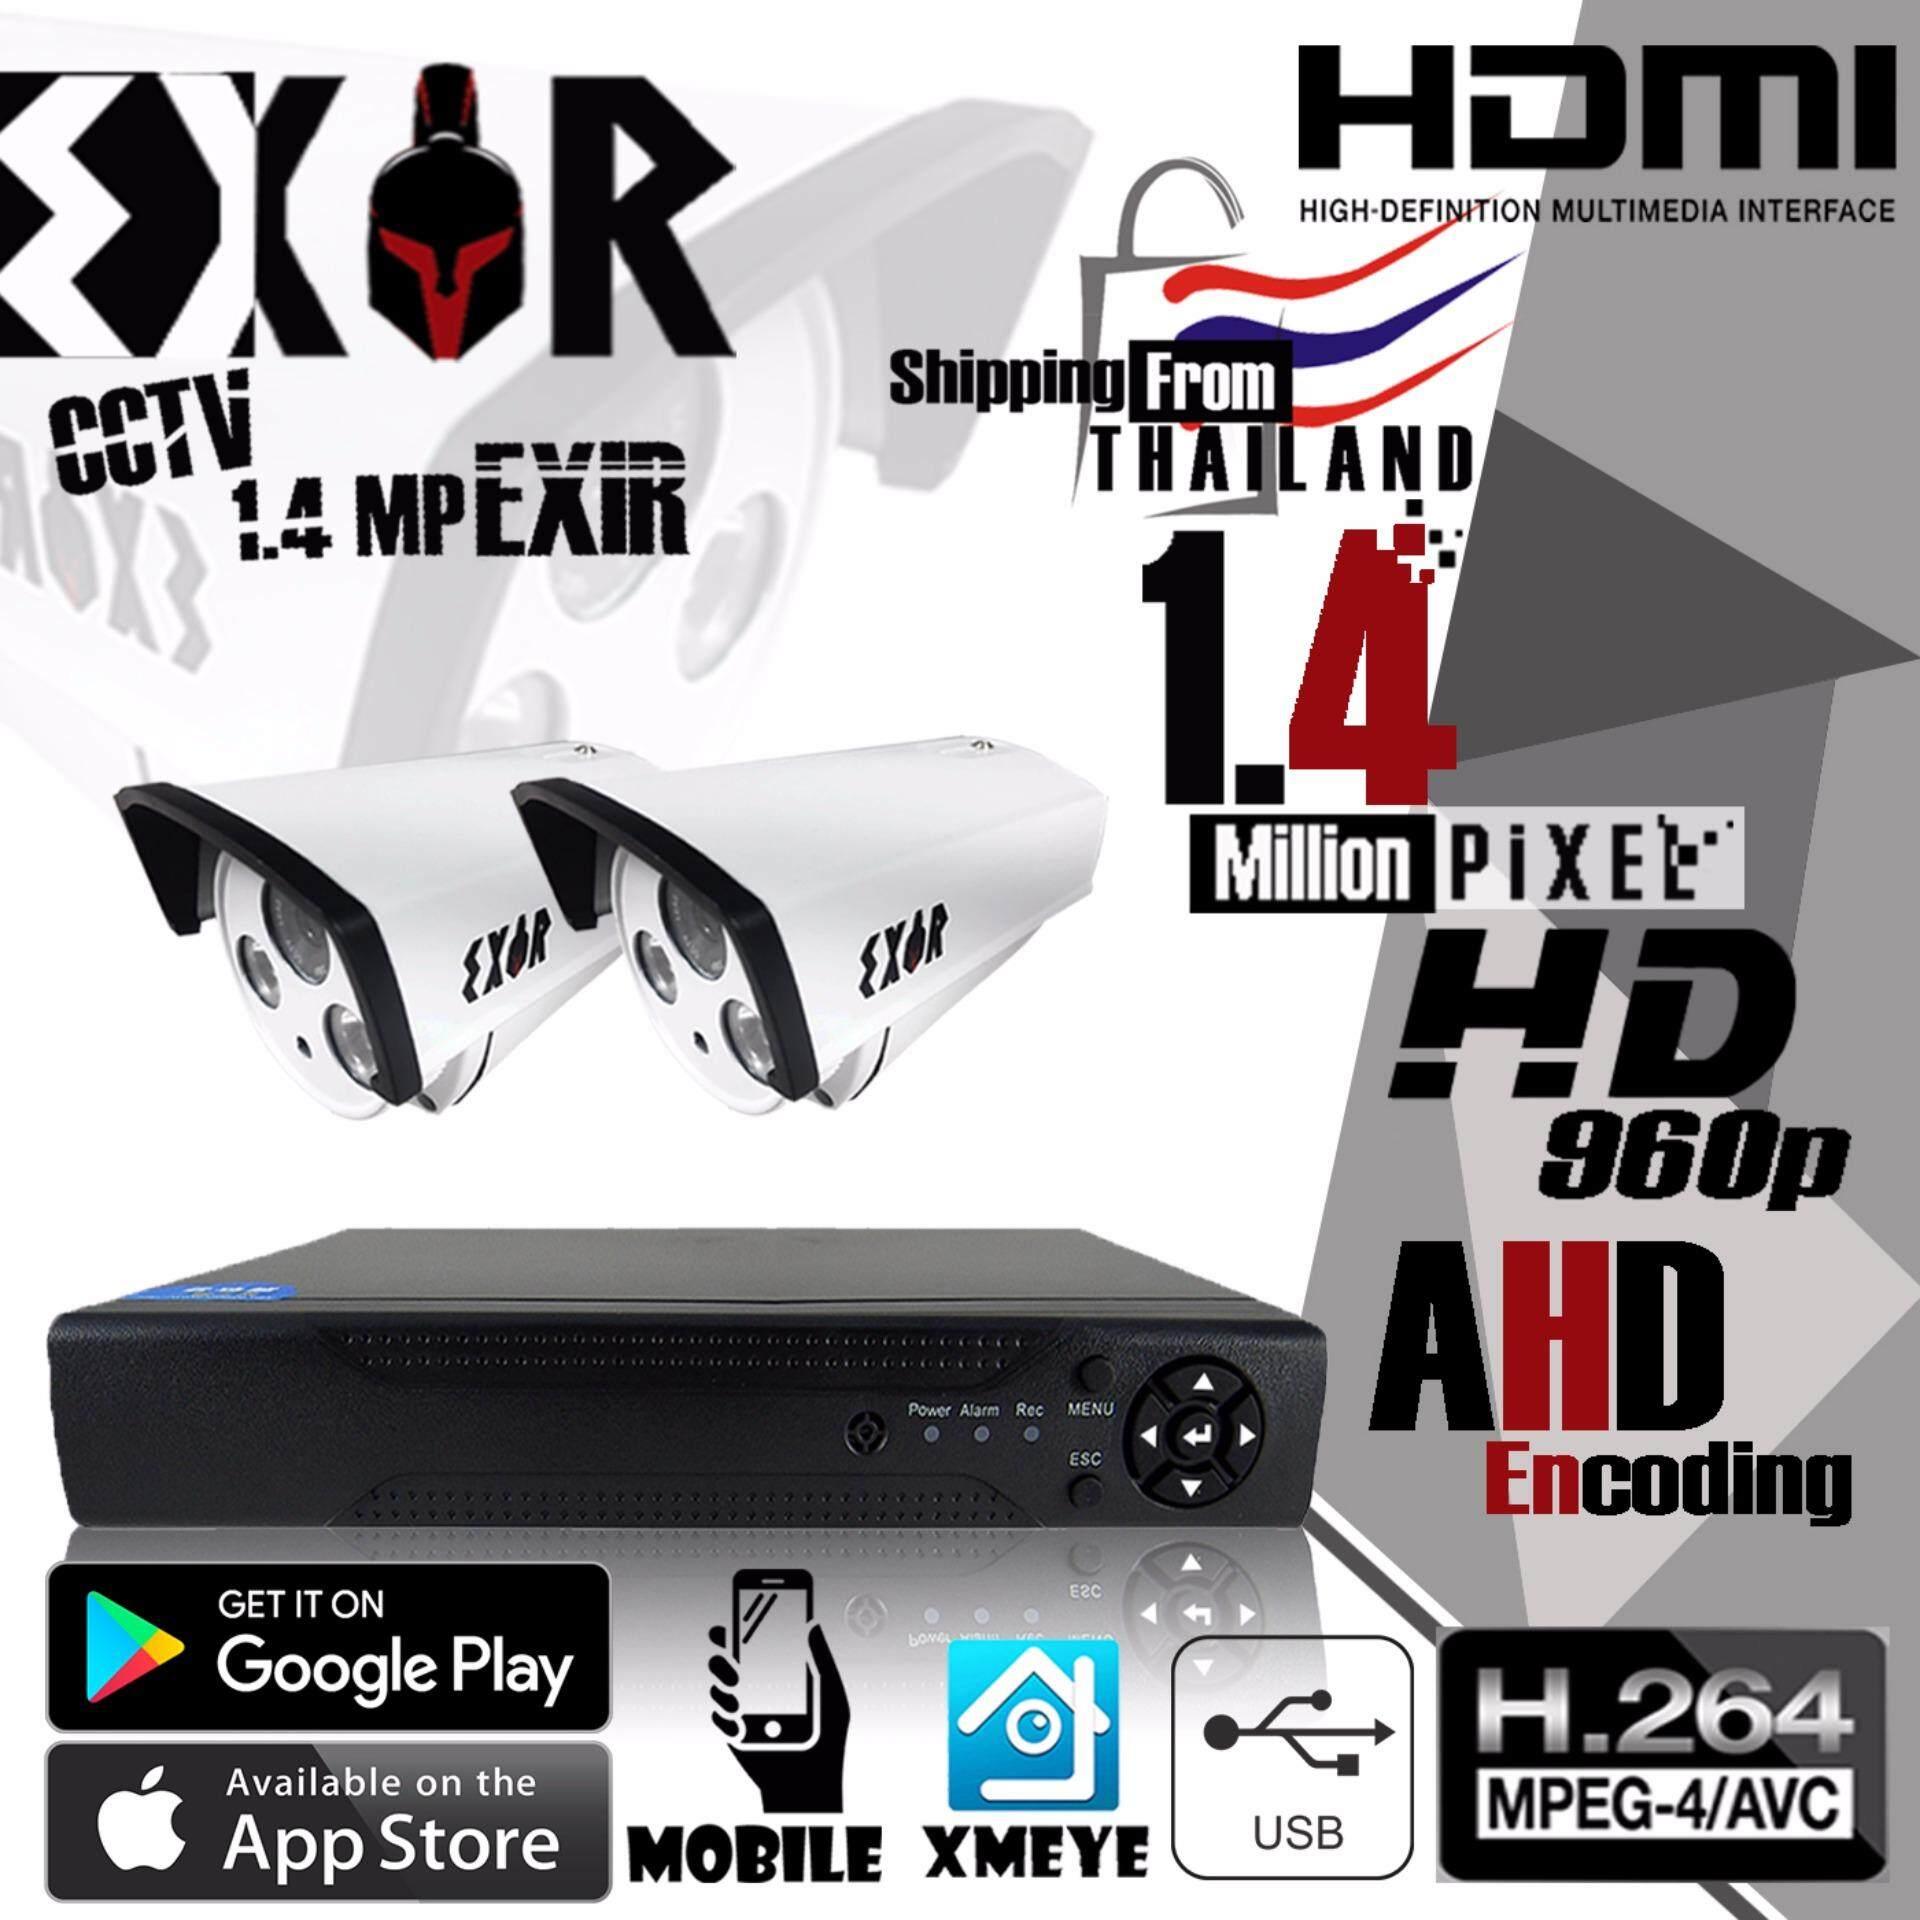 อยากถามคนที่ใช้ ชุดกล้องวงจรปิด 1.4 MP ล้านพิกเซล ทรงกระบอก HD 960P เลนส์ 4mm กล้อง 2 ตัว และ เครื่องบันทึกภาพ 4CH DVR Digital Video Recording HD/Full HD / Waterproof ฟรีอะแดปเตอร์ และขายึดกล้อง ที่ดีที่สุด